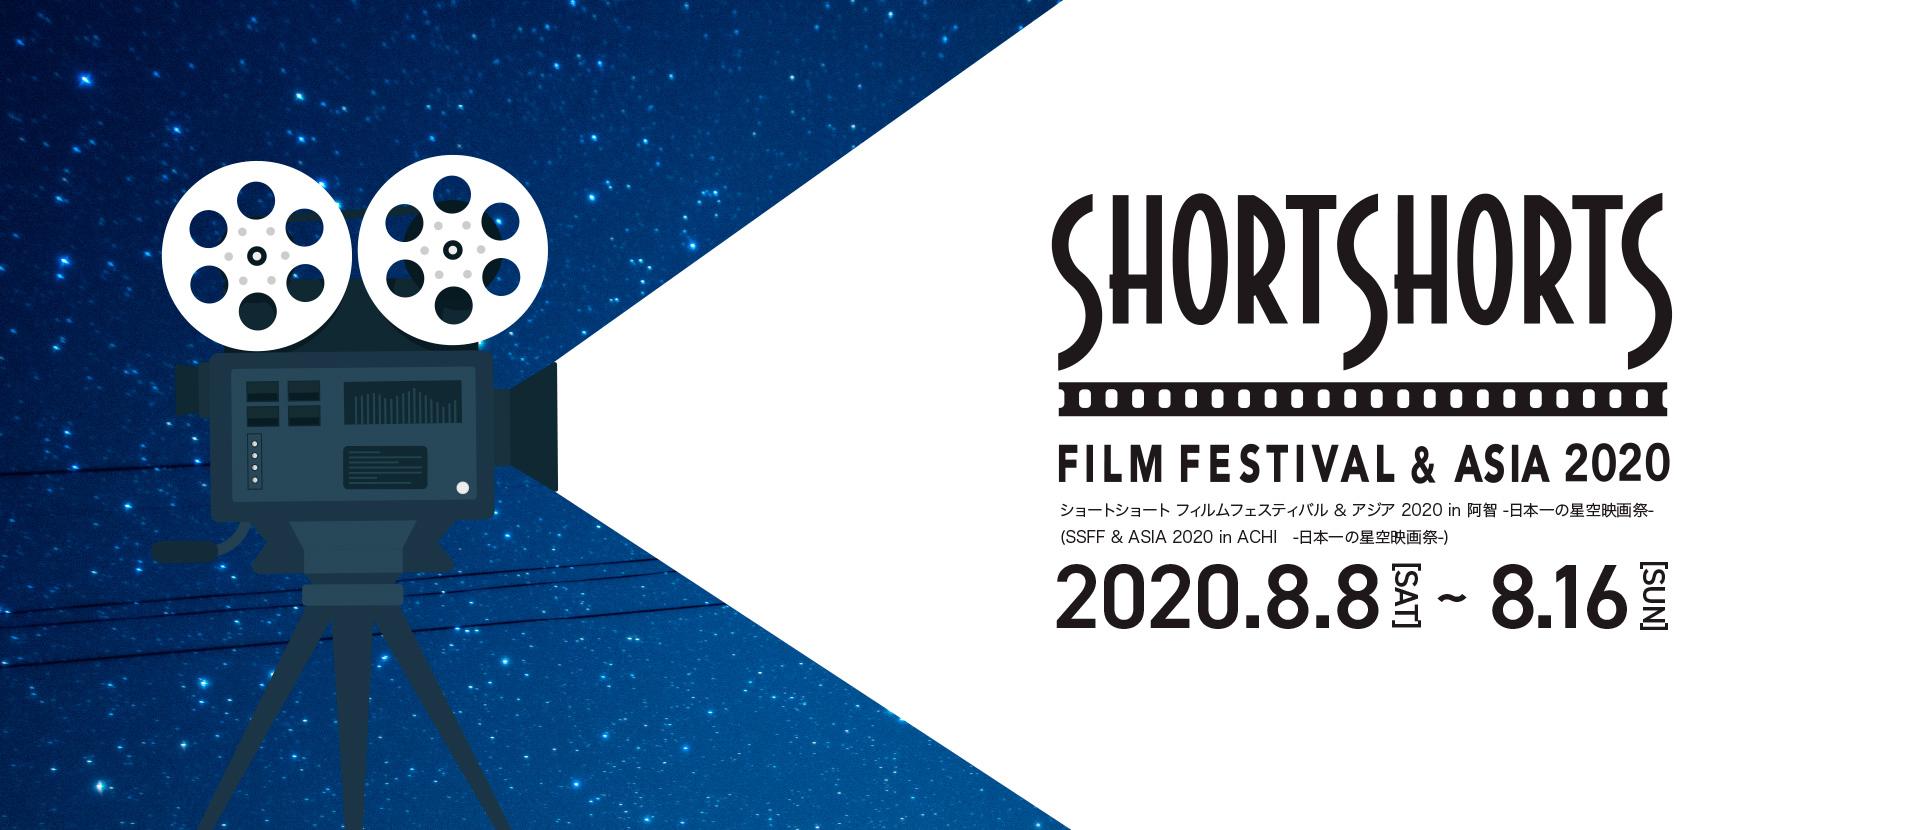 ショートショート フィルムフェスティバル & アジア 2020 in 阿智 -日本一の星空映画祭-(SSFF & ASIA 2020 in ACHI -日本一の星空映画祭-)